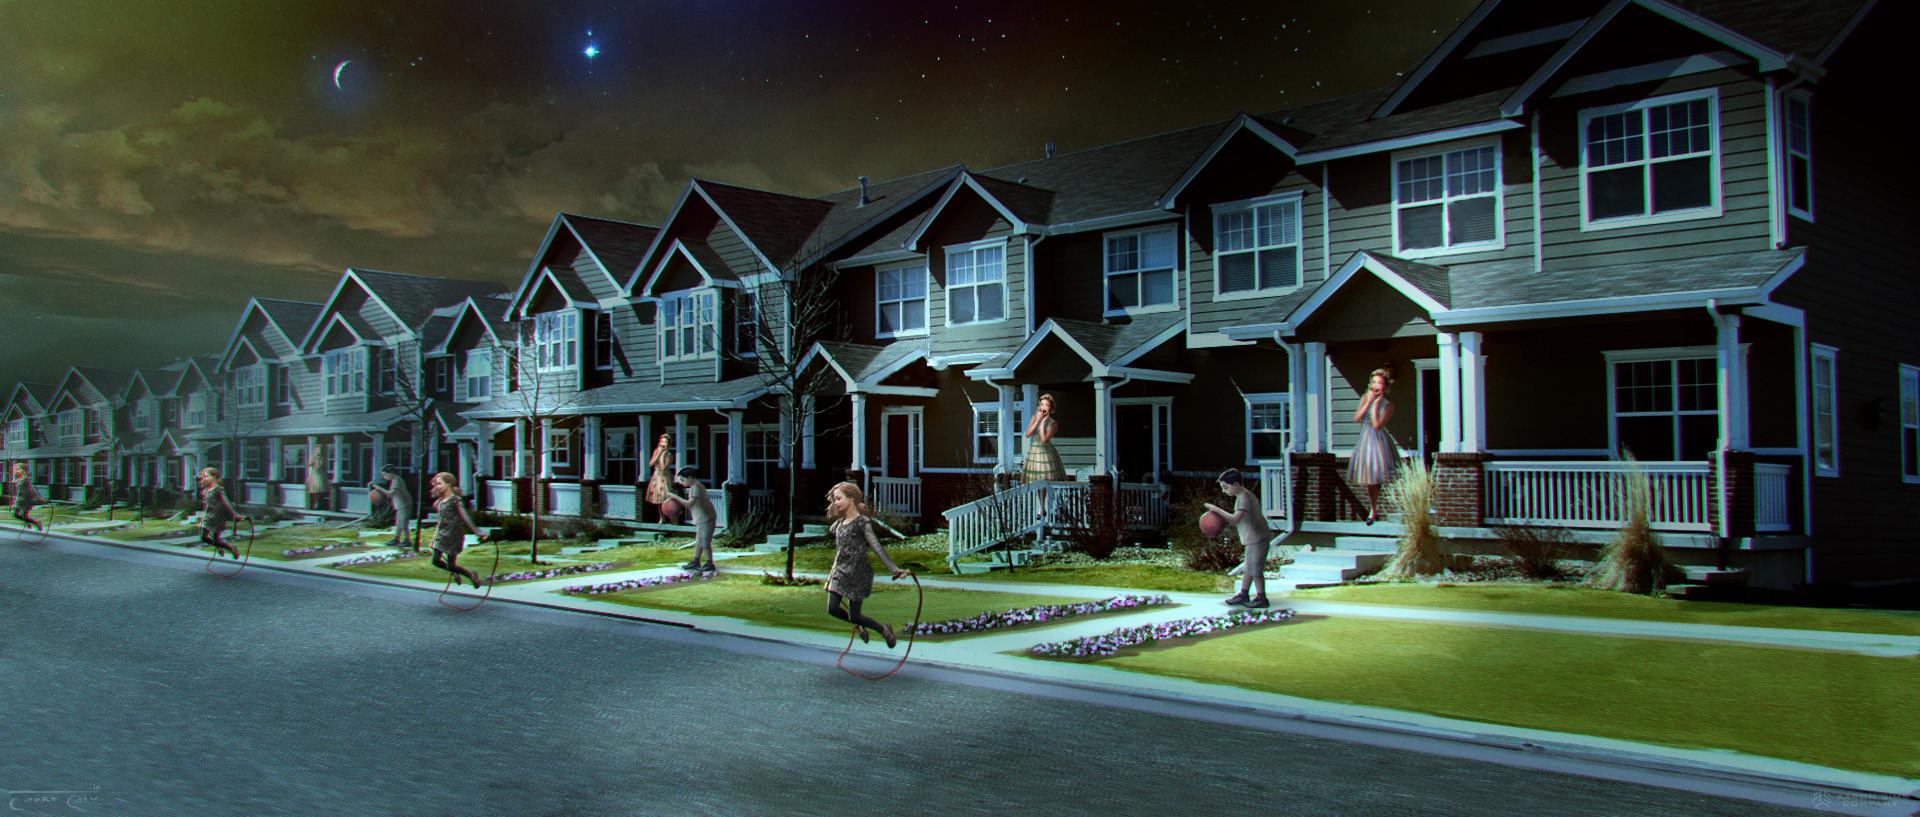 Camazotz houses